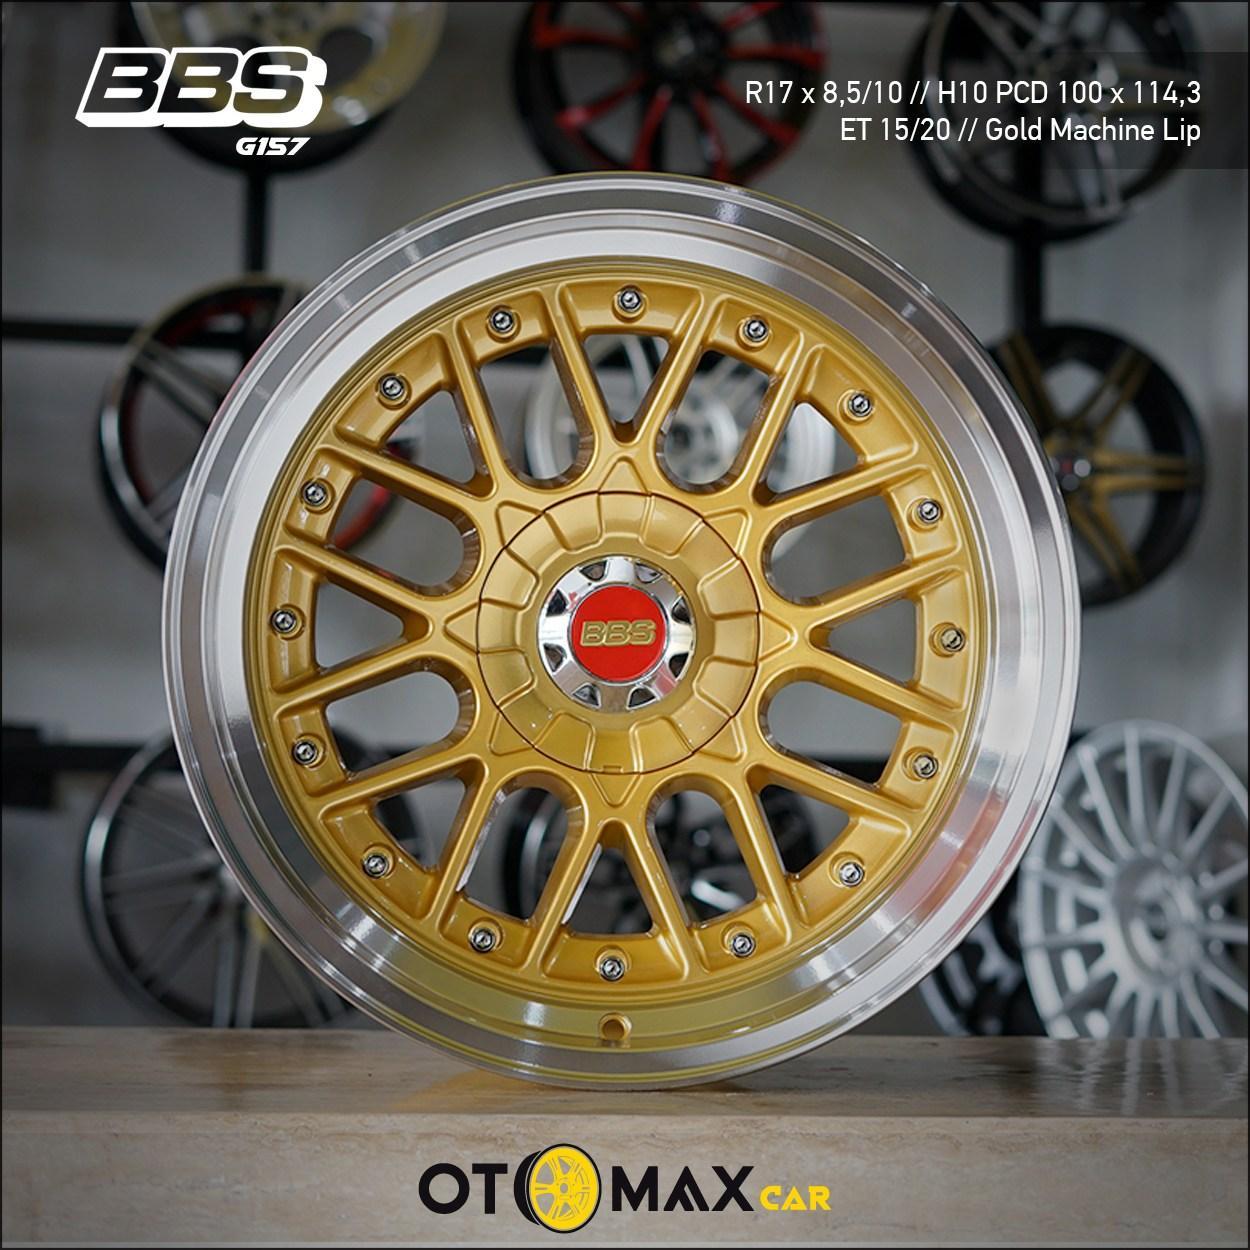 Velg Mobil BBS G157 Ring 17 Gold Machine Lip